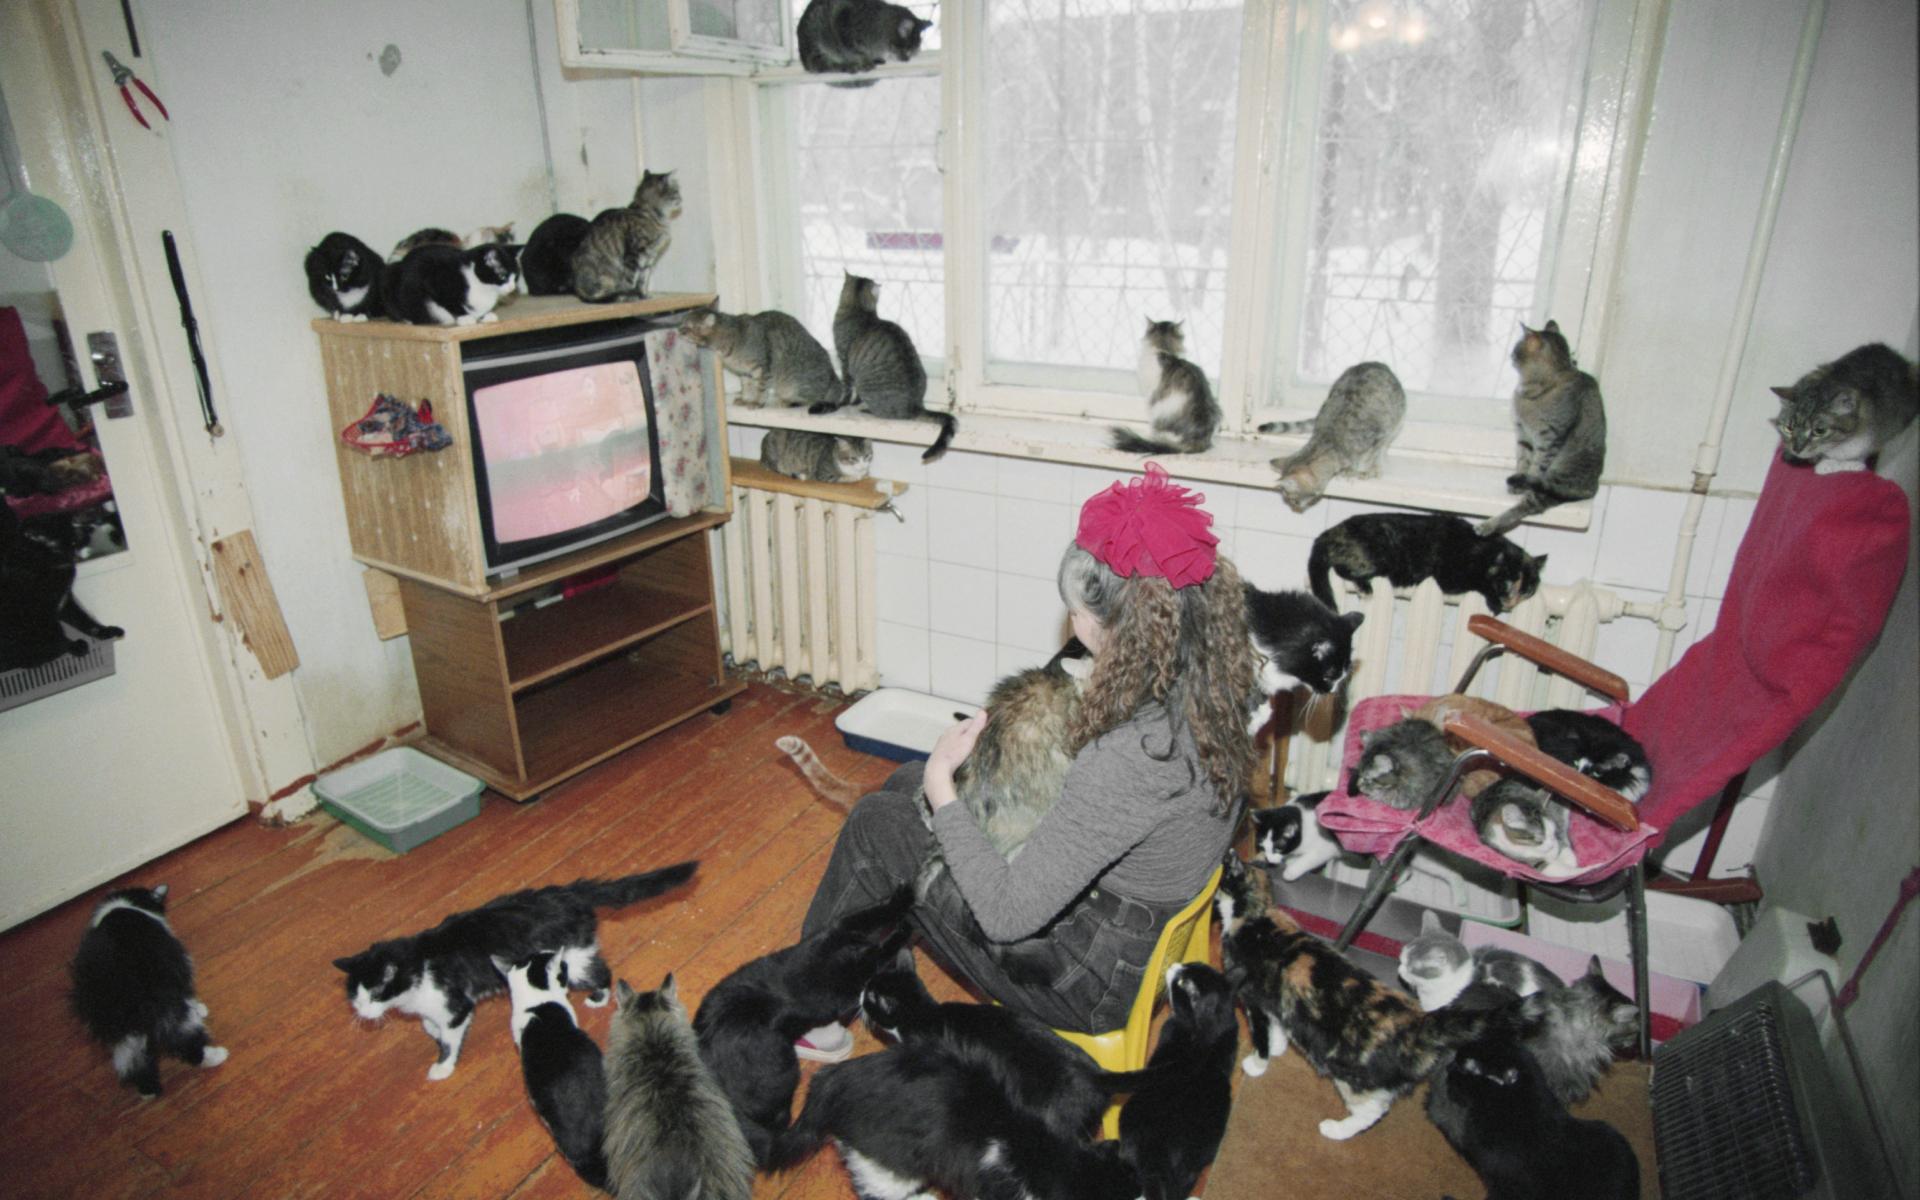 Фото: Зинин Владимир/Фотохроника ТАСС